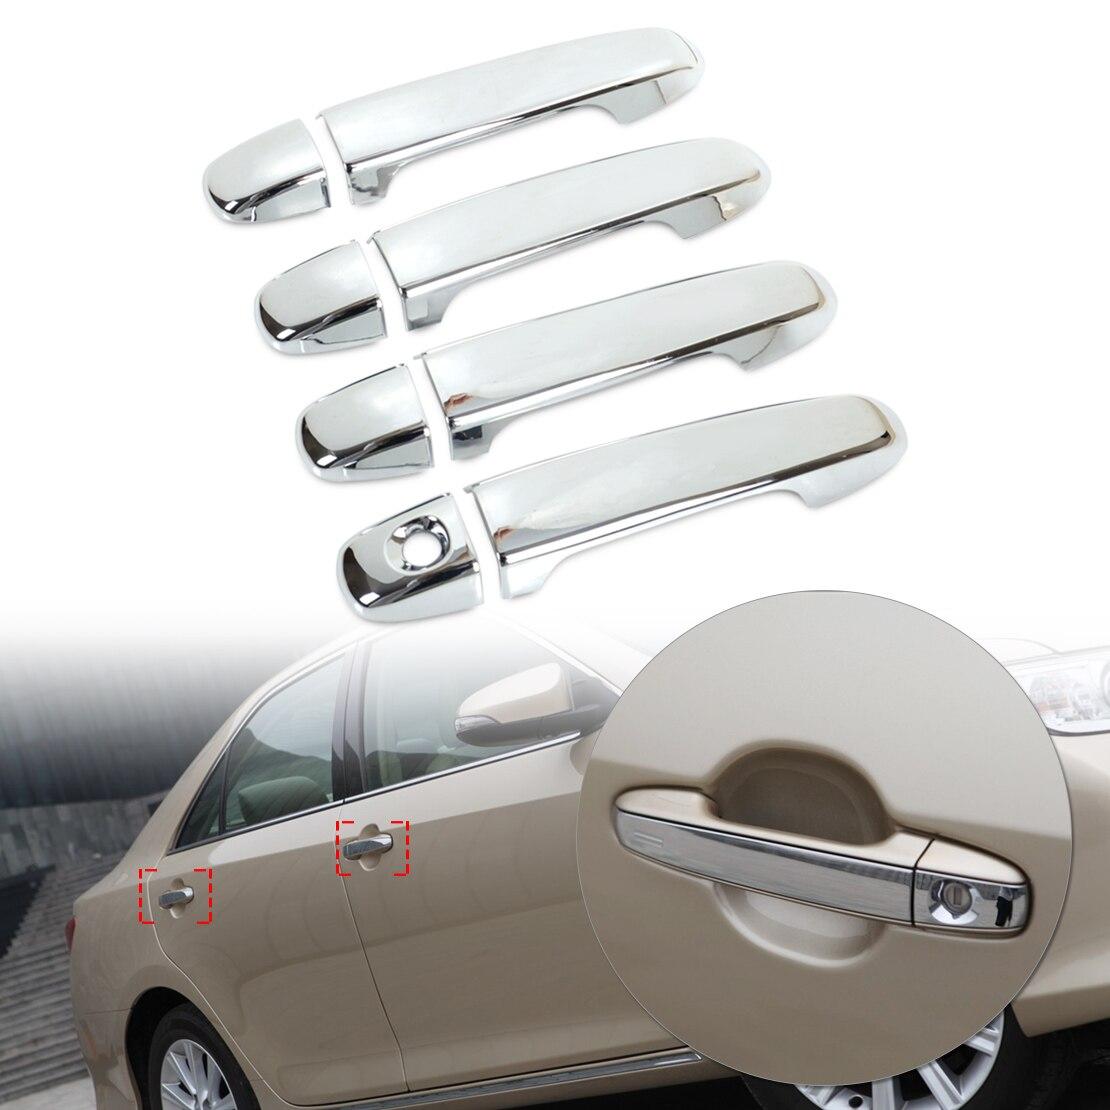 Beler Plastique ABS Chrome 8 PCS Manche De Porte Trim fit pour Toyota Camry 2012 2013 2014